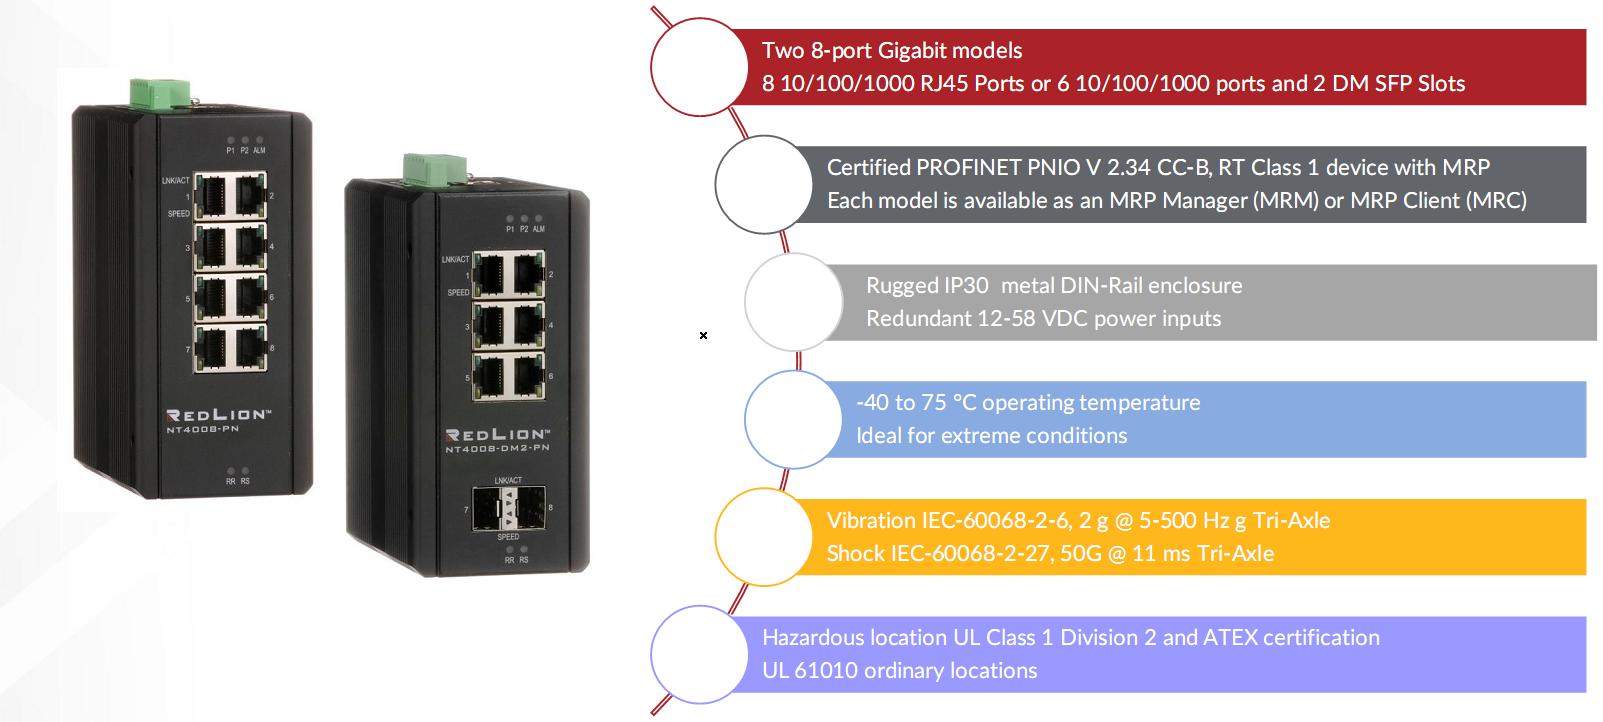 caracteristicas switch profinet capa 2